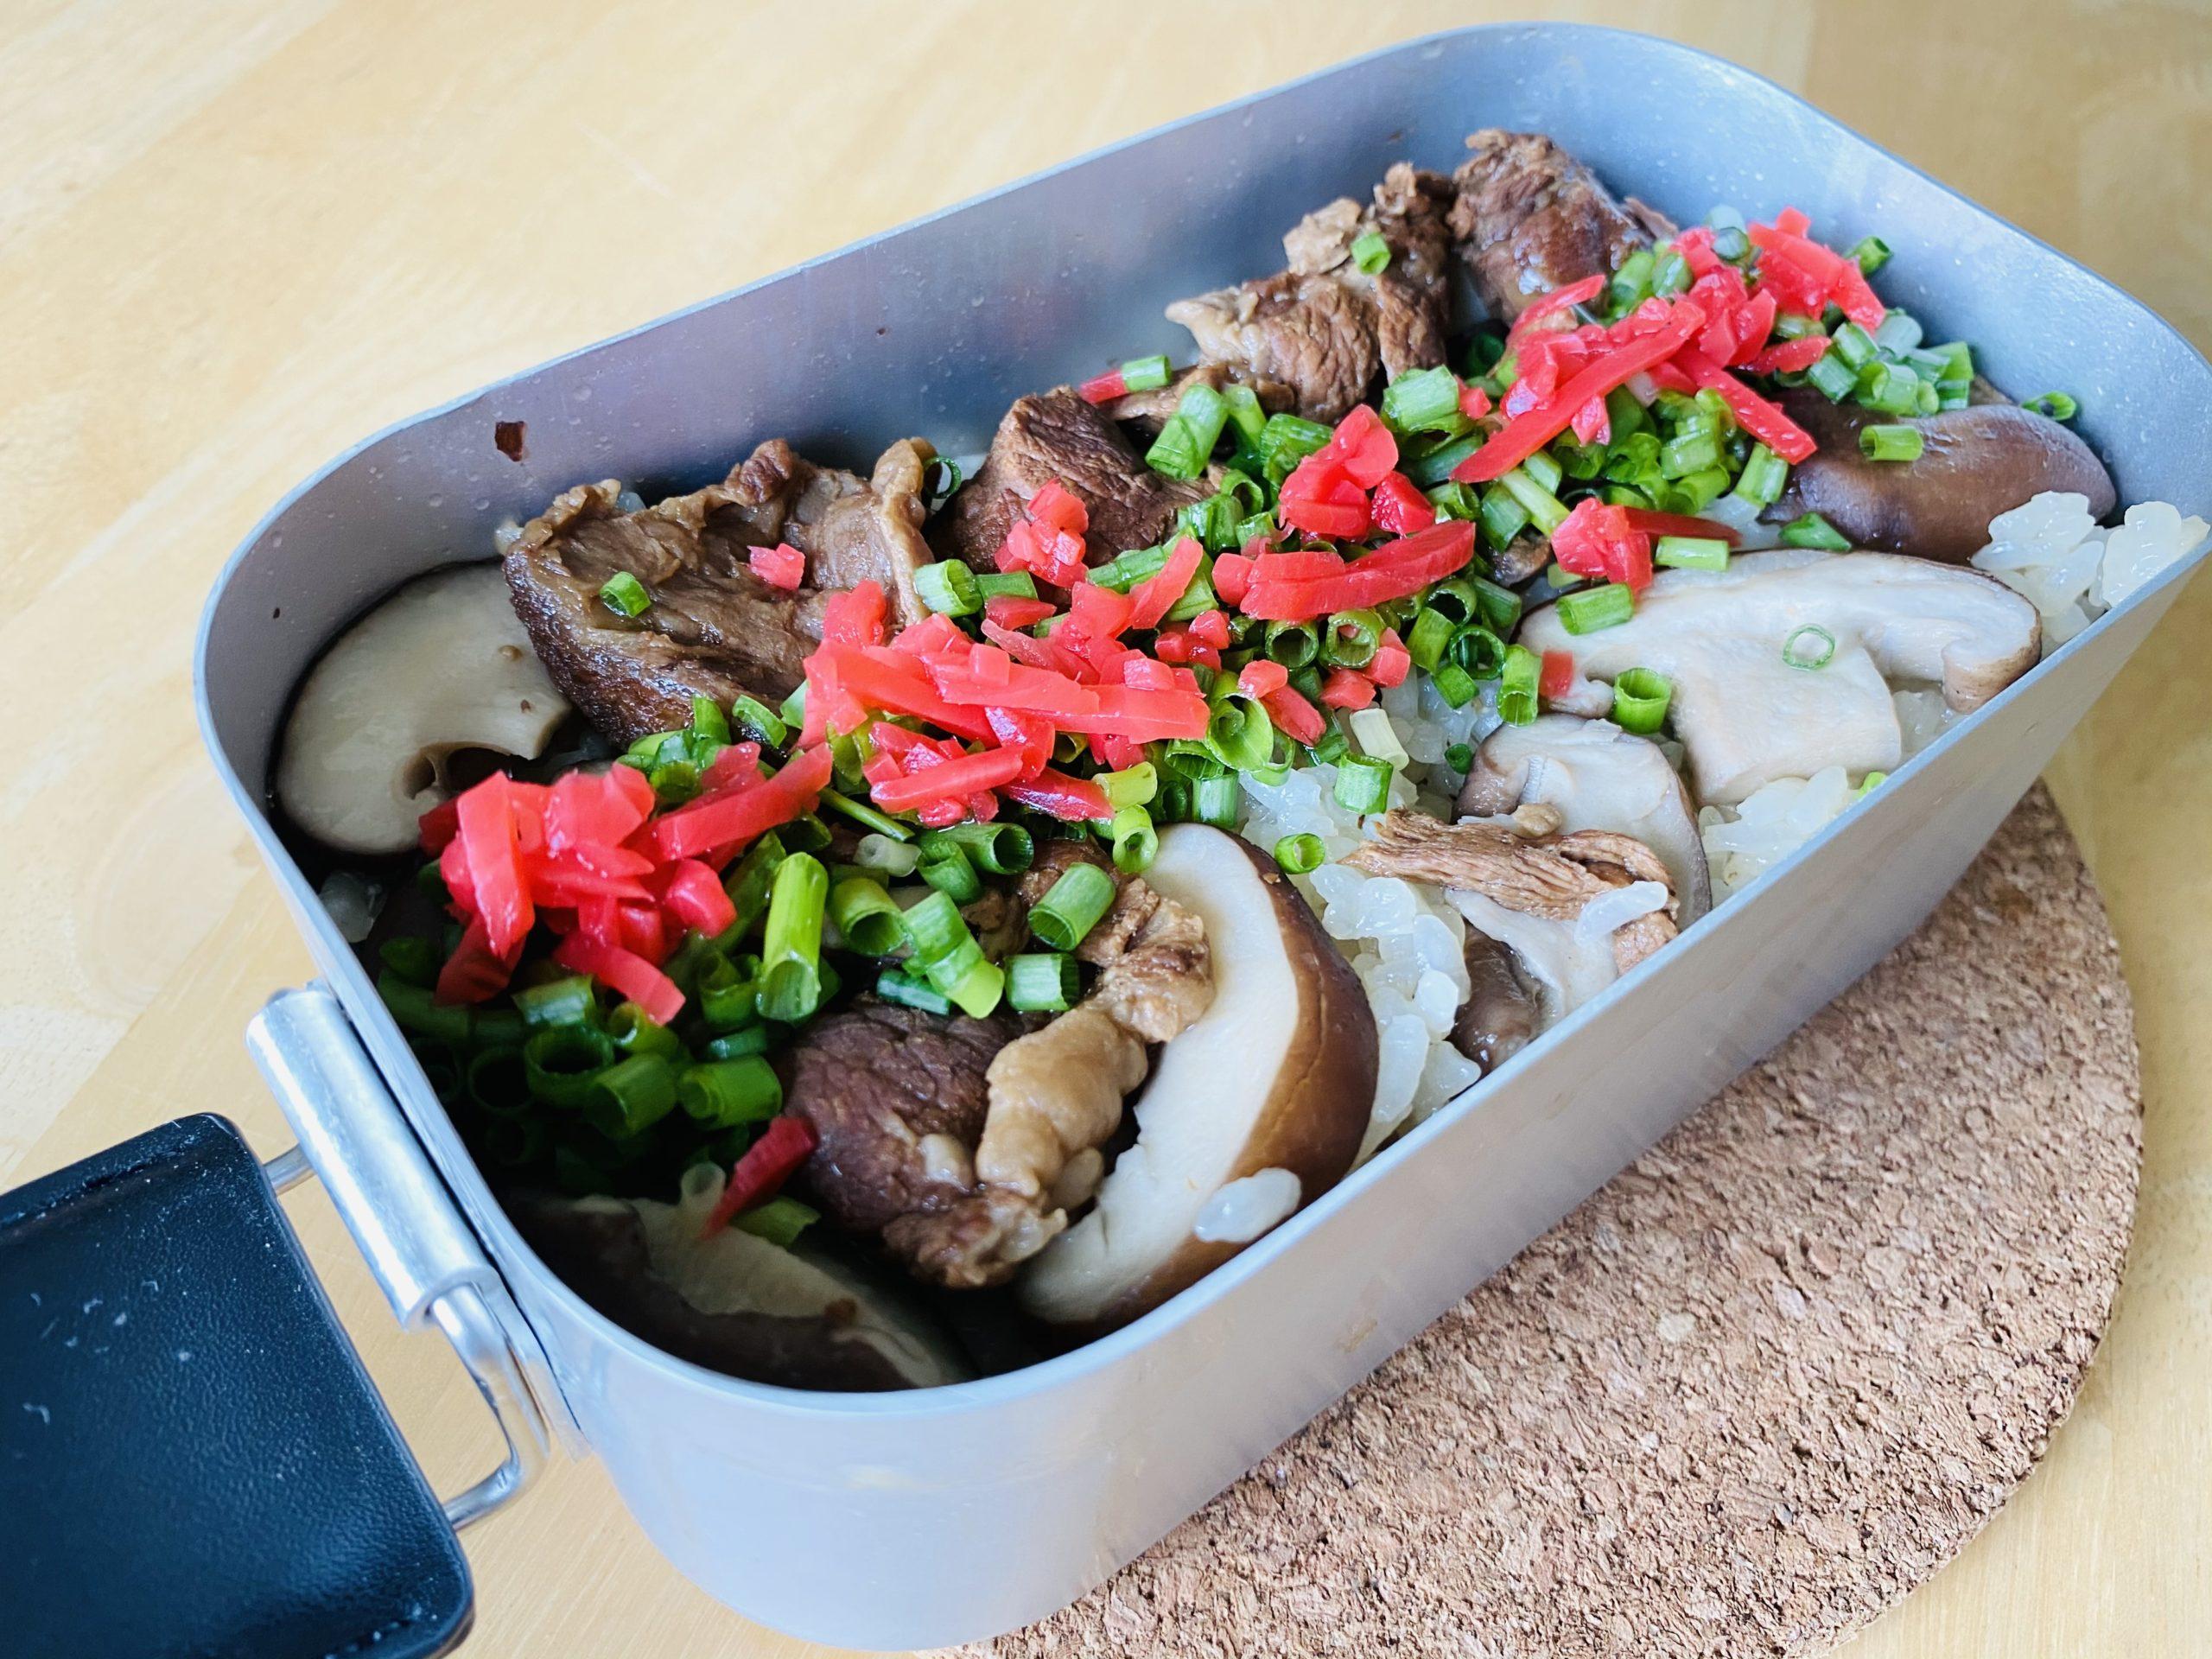 メスティン飯「牛すじタレの炊込みご飯」のレシピ